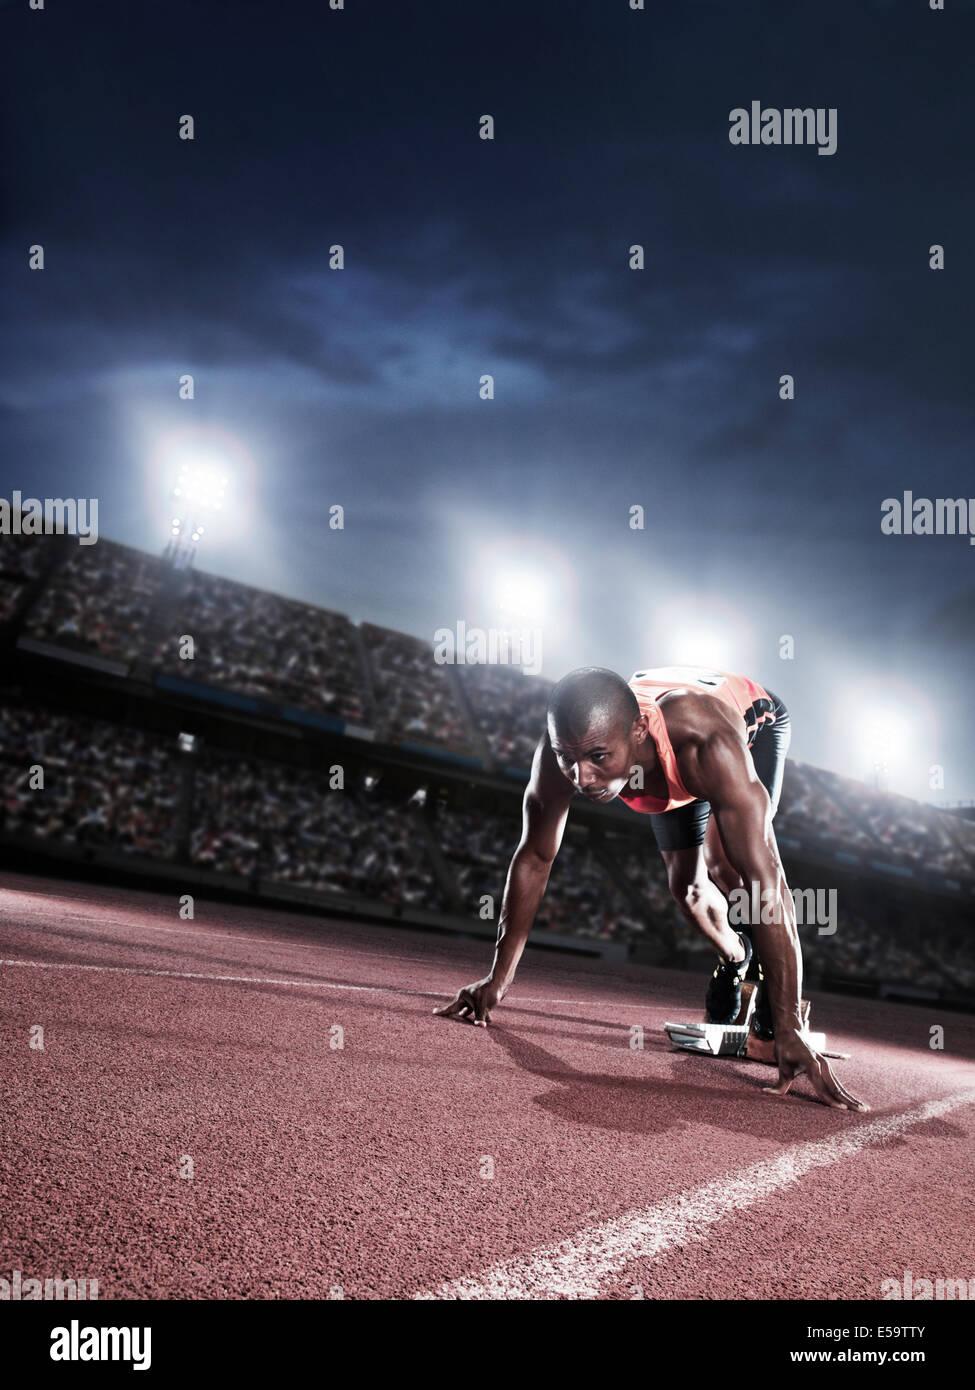 Runner poised at starting line on track - Stock Image